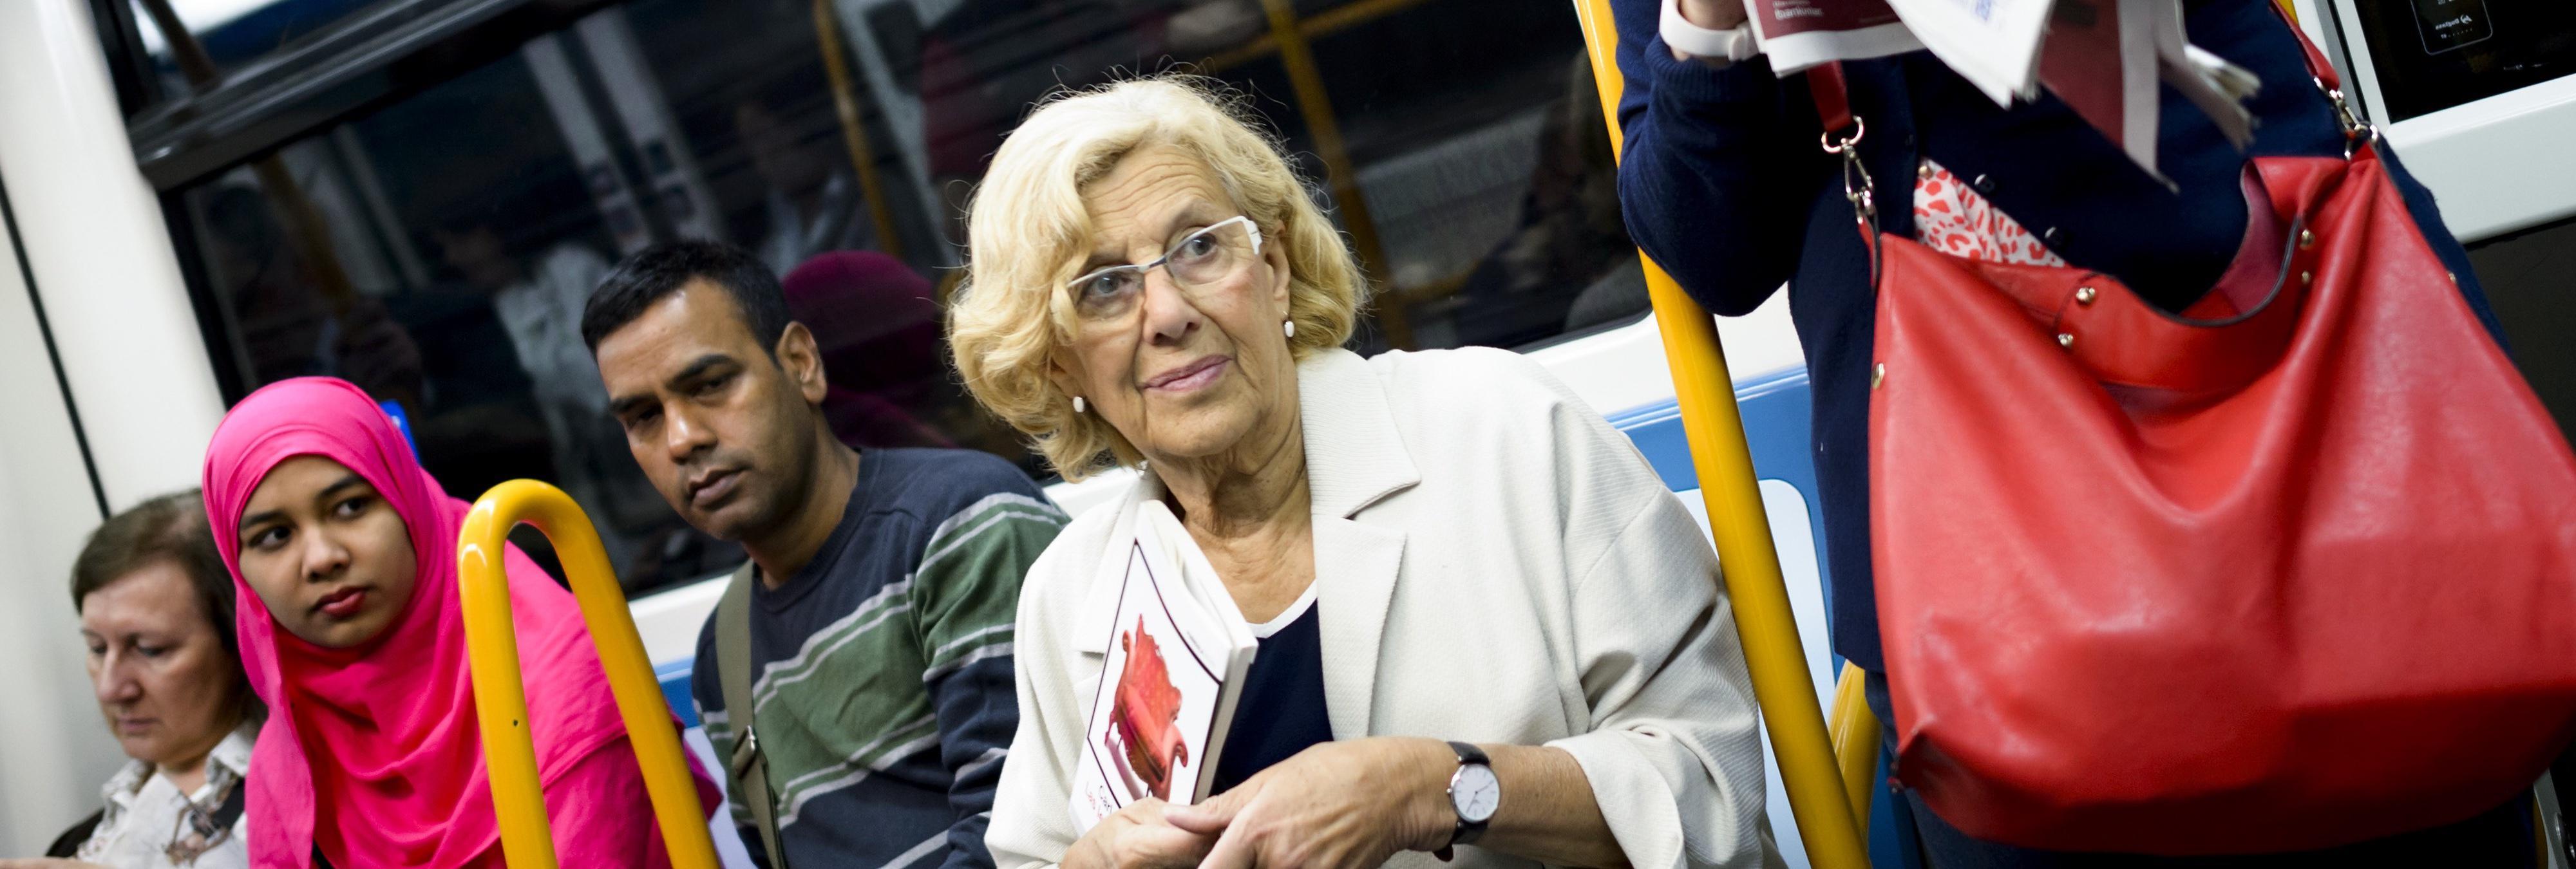 1 año de Manuela Carmena: ¿qué ha cumplido de su programa?